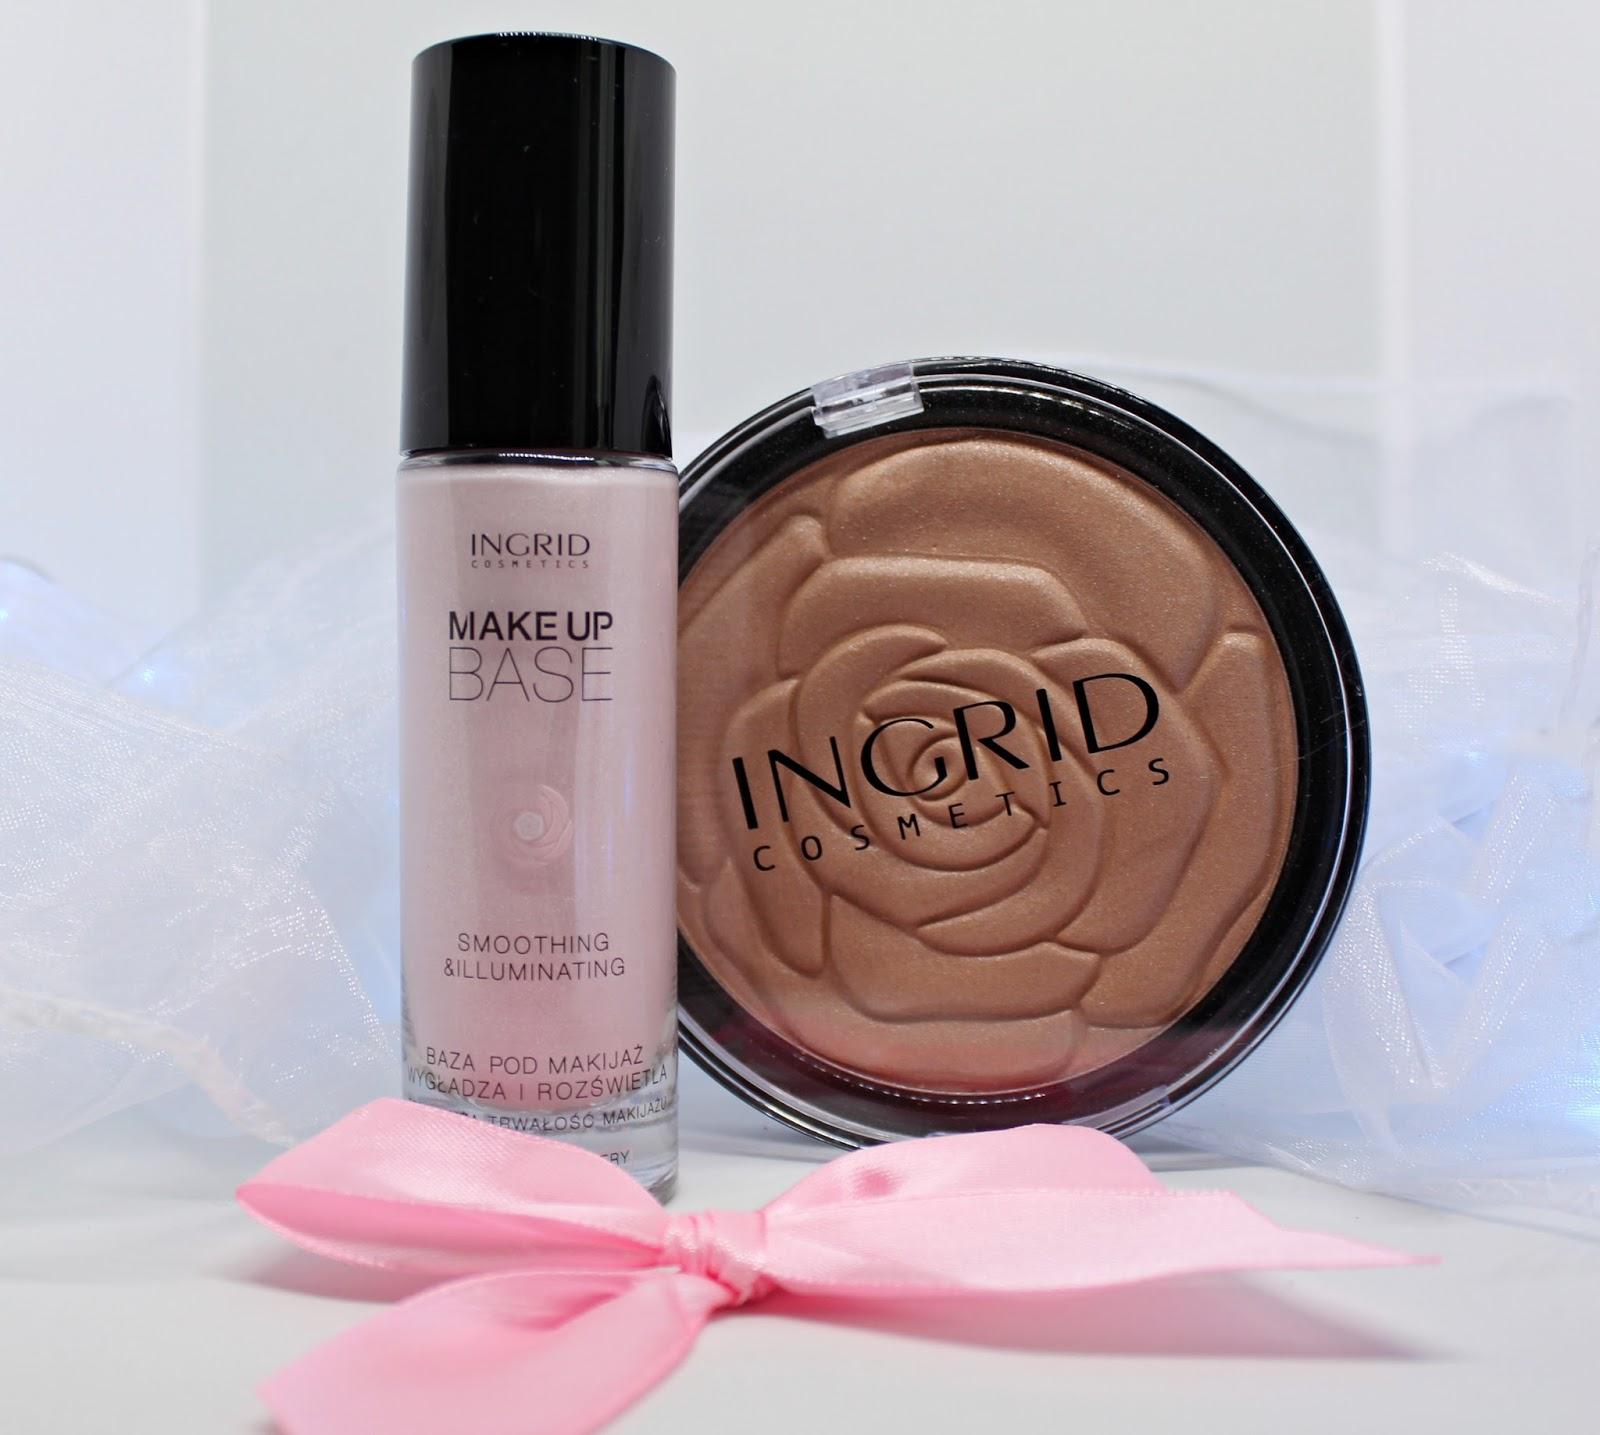 Baza wygładzająco-rozświetlająca oraz puder brązujący INGRID cosmetics